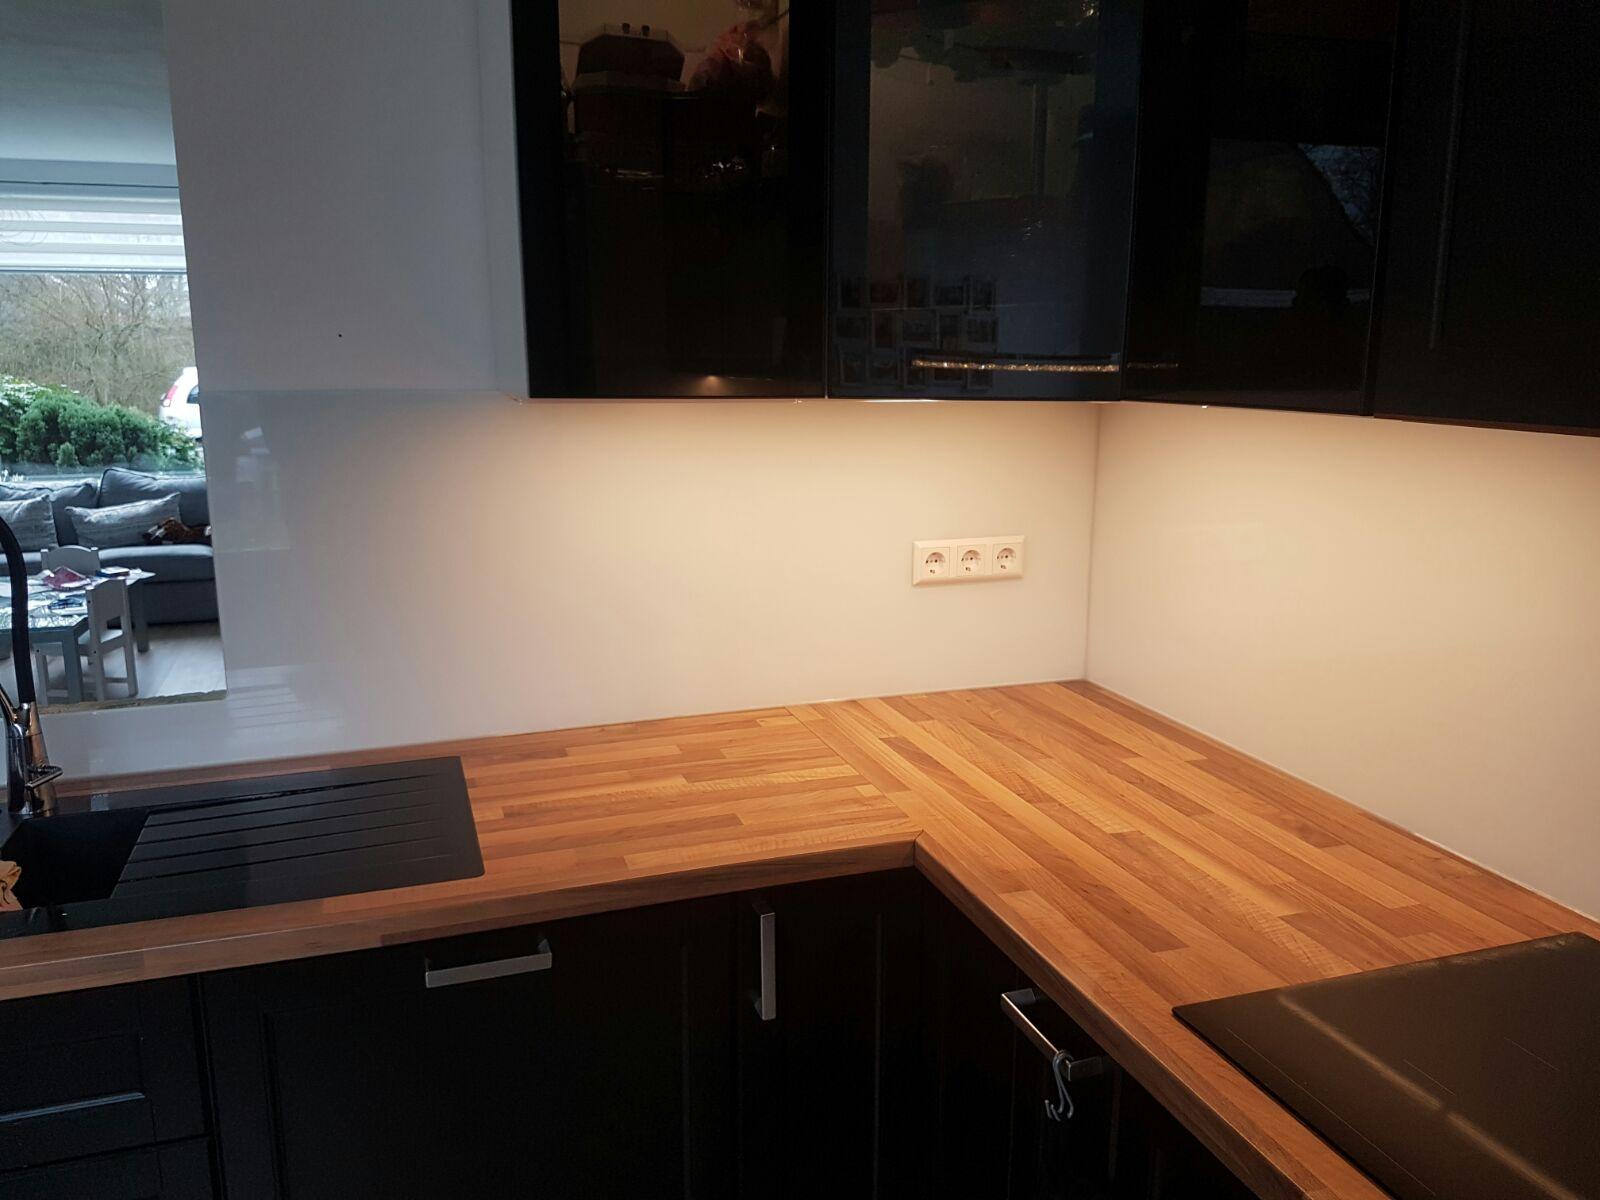 Stopcontacten In Keuken : Keuken achterwand glas met uitsparingen en stopcontacten